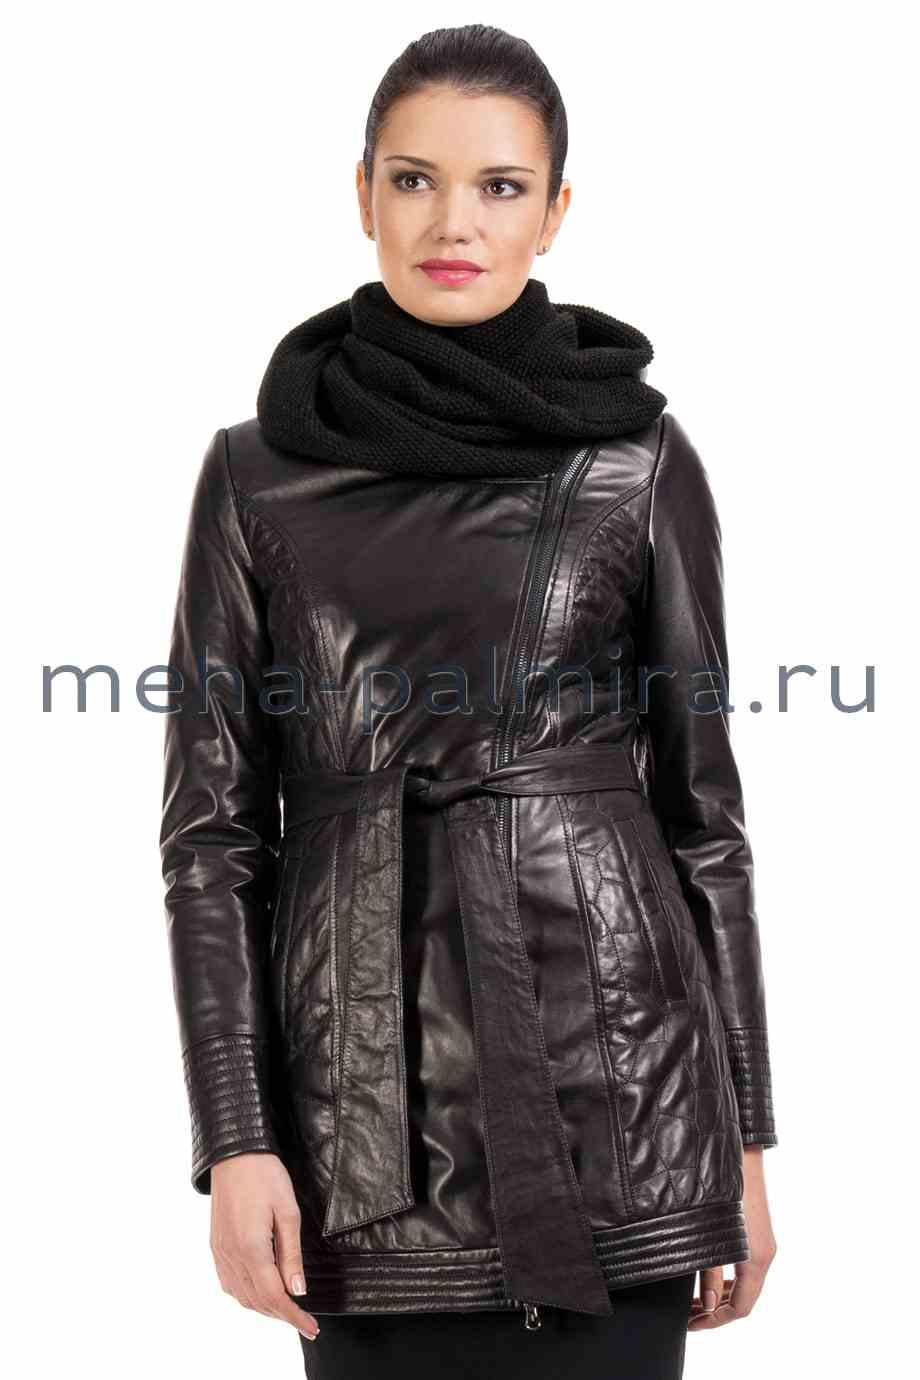 Кожаный френч утеплённый с вязаным капюшоном, цвет черный